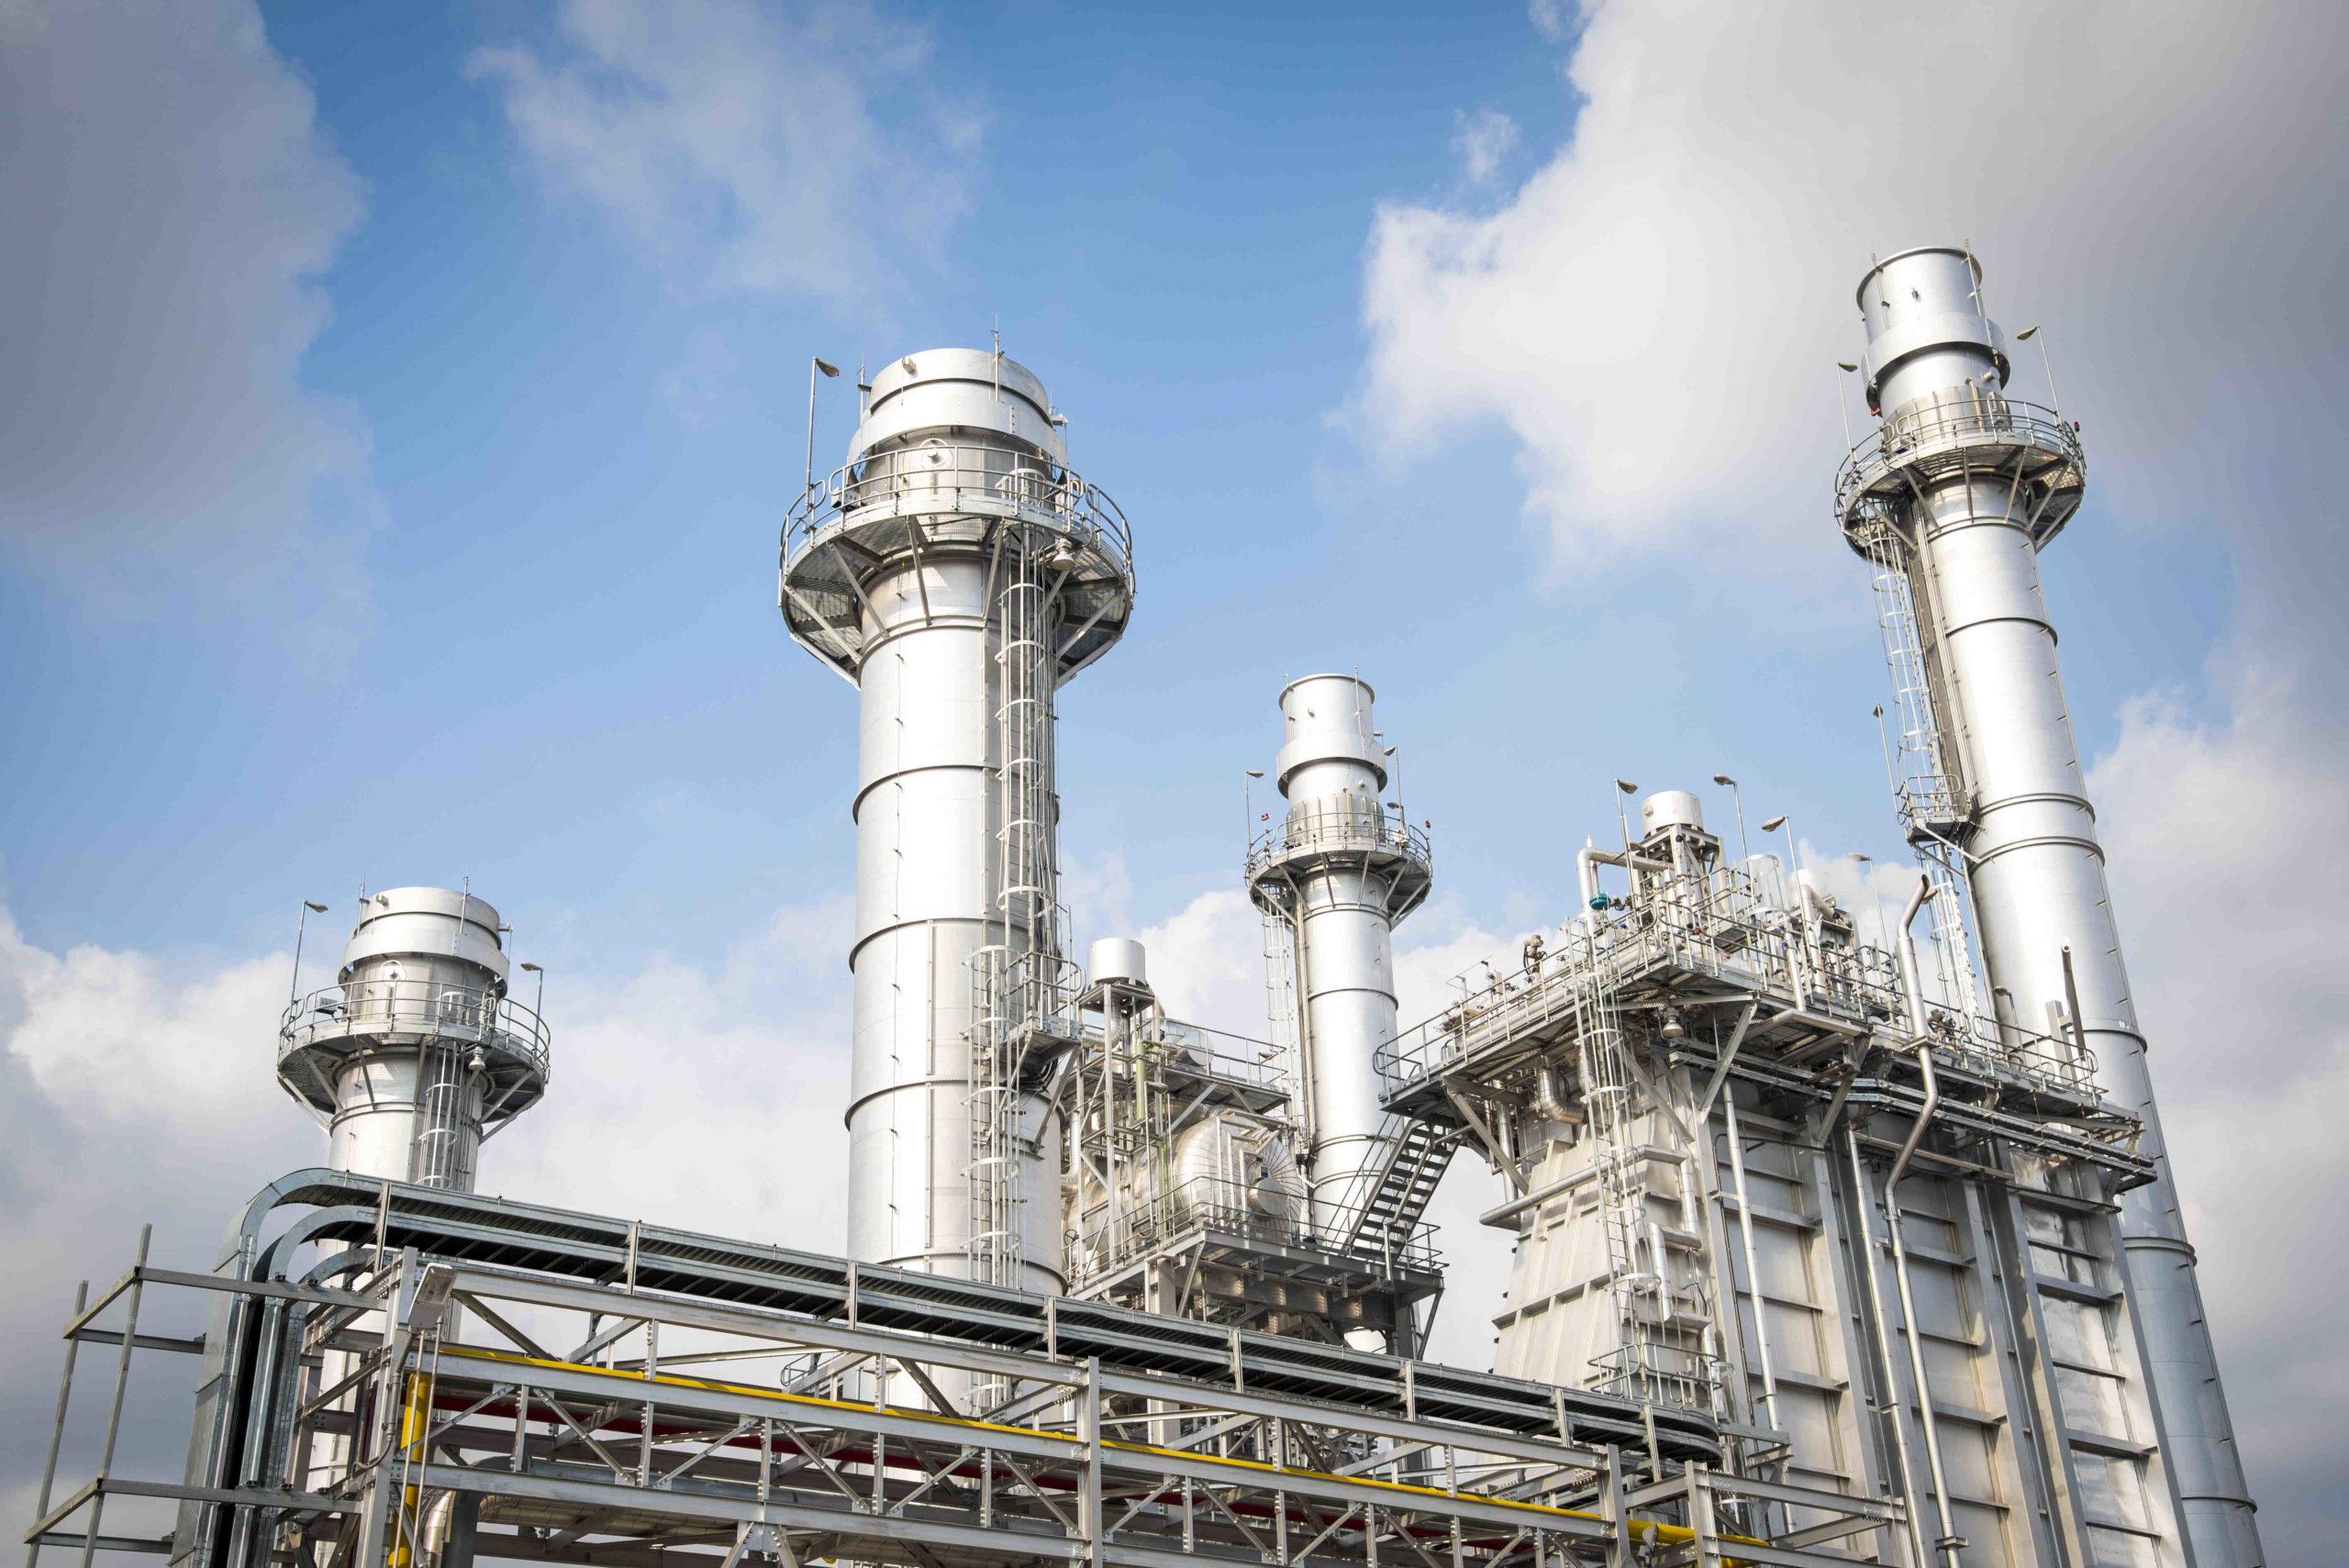 Η ΓΕΚ ΤΕΡΝΑ συνεργάζεται με τη ΜΟΤΟΡ ΟΪΛ για μεγάλη ενεργειακή επένδυση στην Κομοτηνή